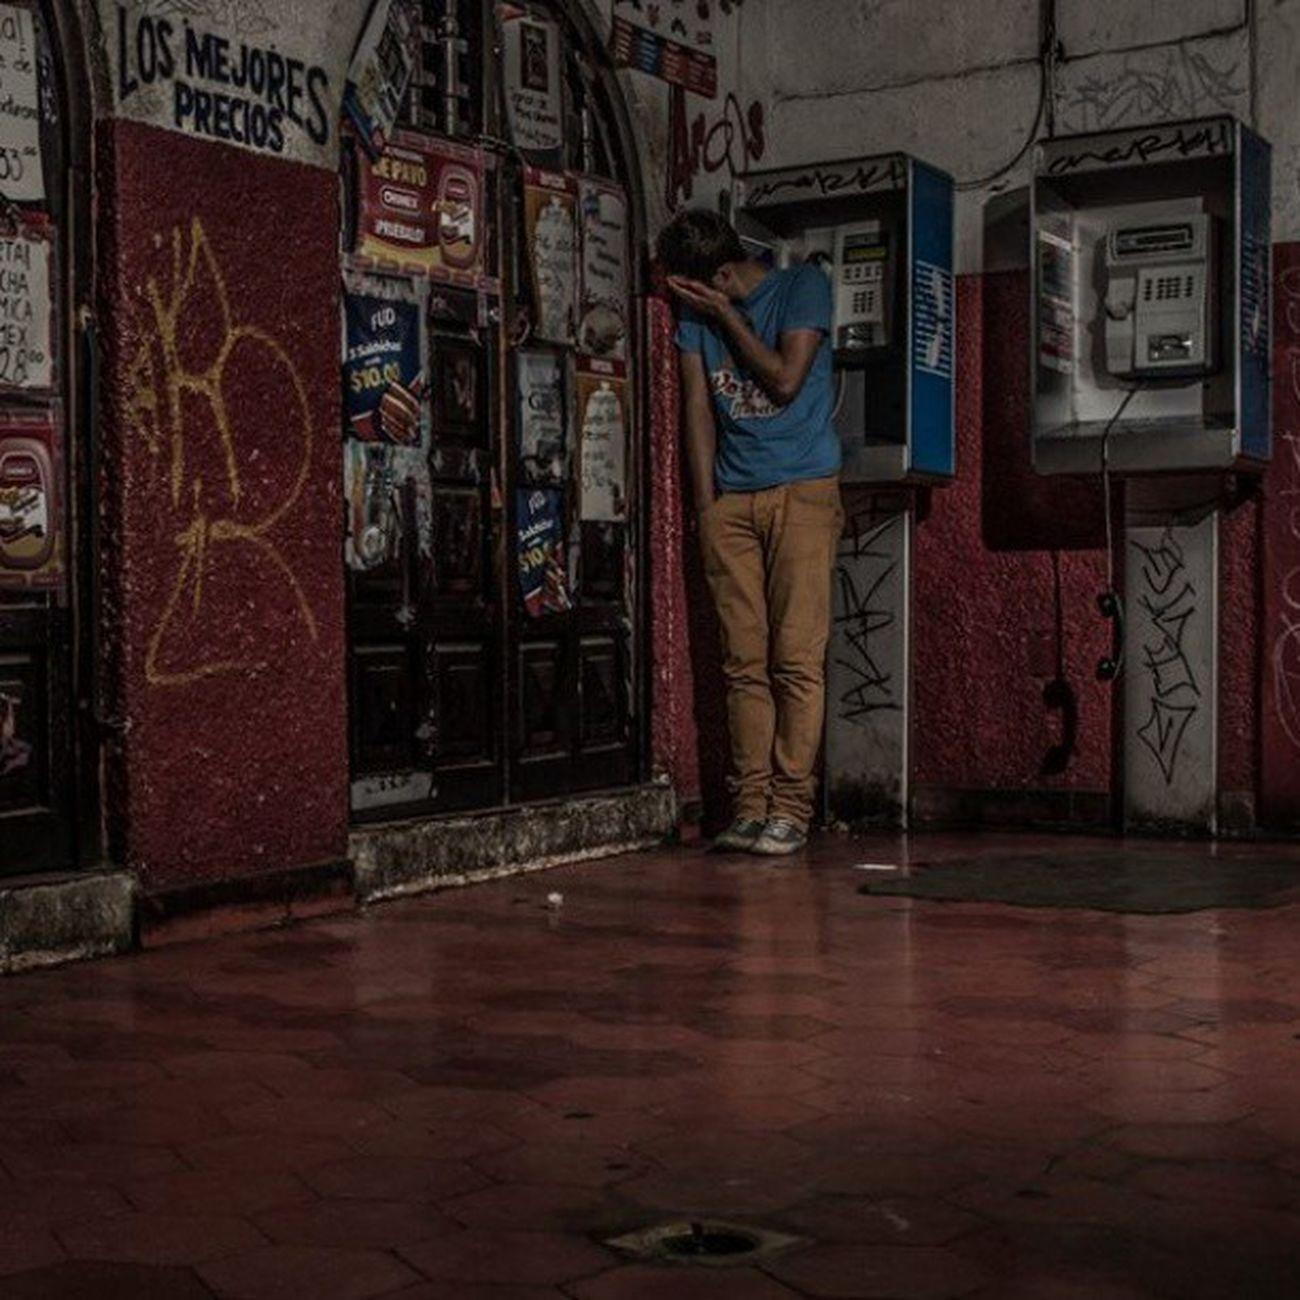 82/365 Ahfotografia 365project ByAlexHernández Photography MyArt